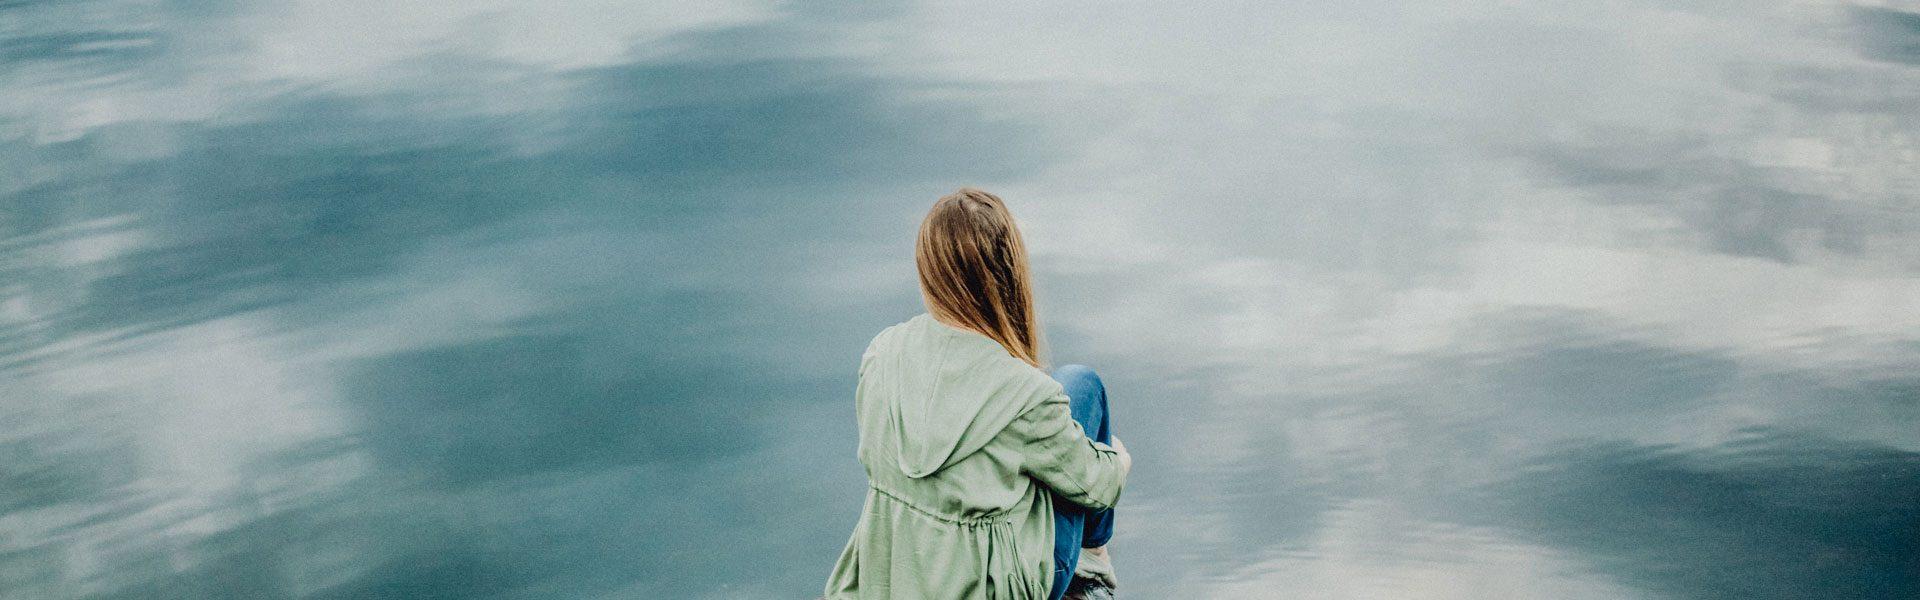 SichtWeisen   Angst vor der Zukunft   Foto von Keenan Constance von Pexels